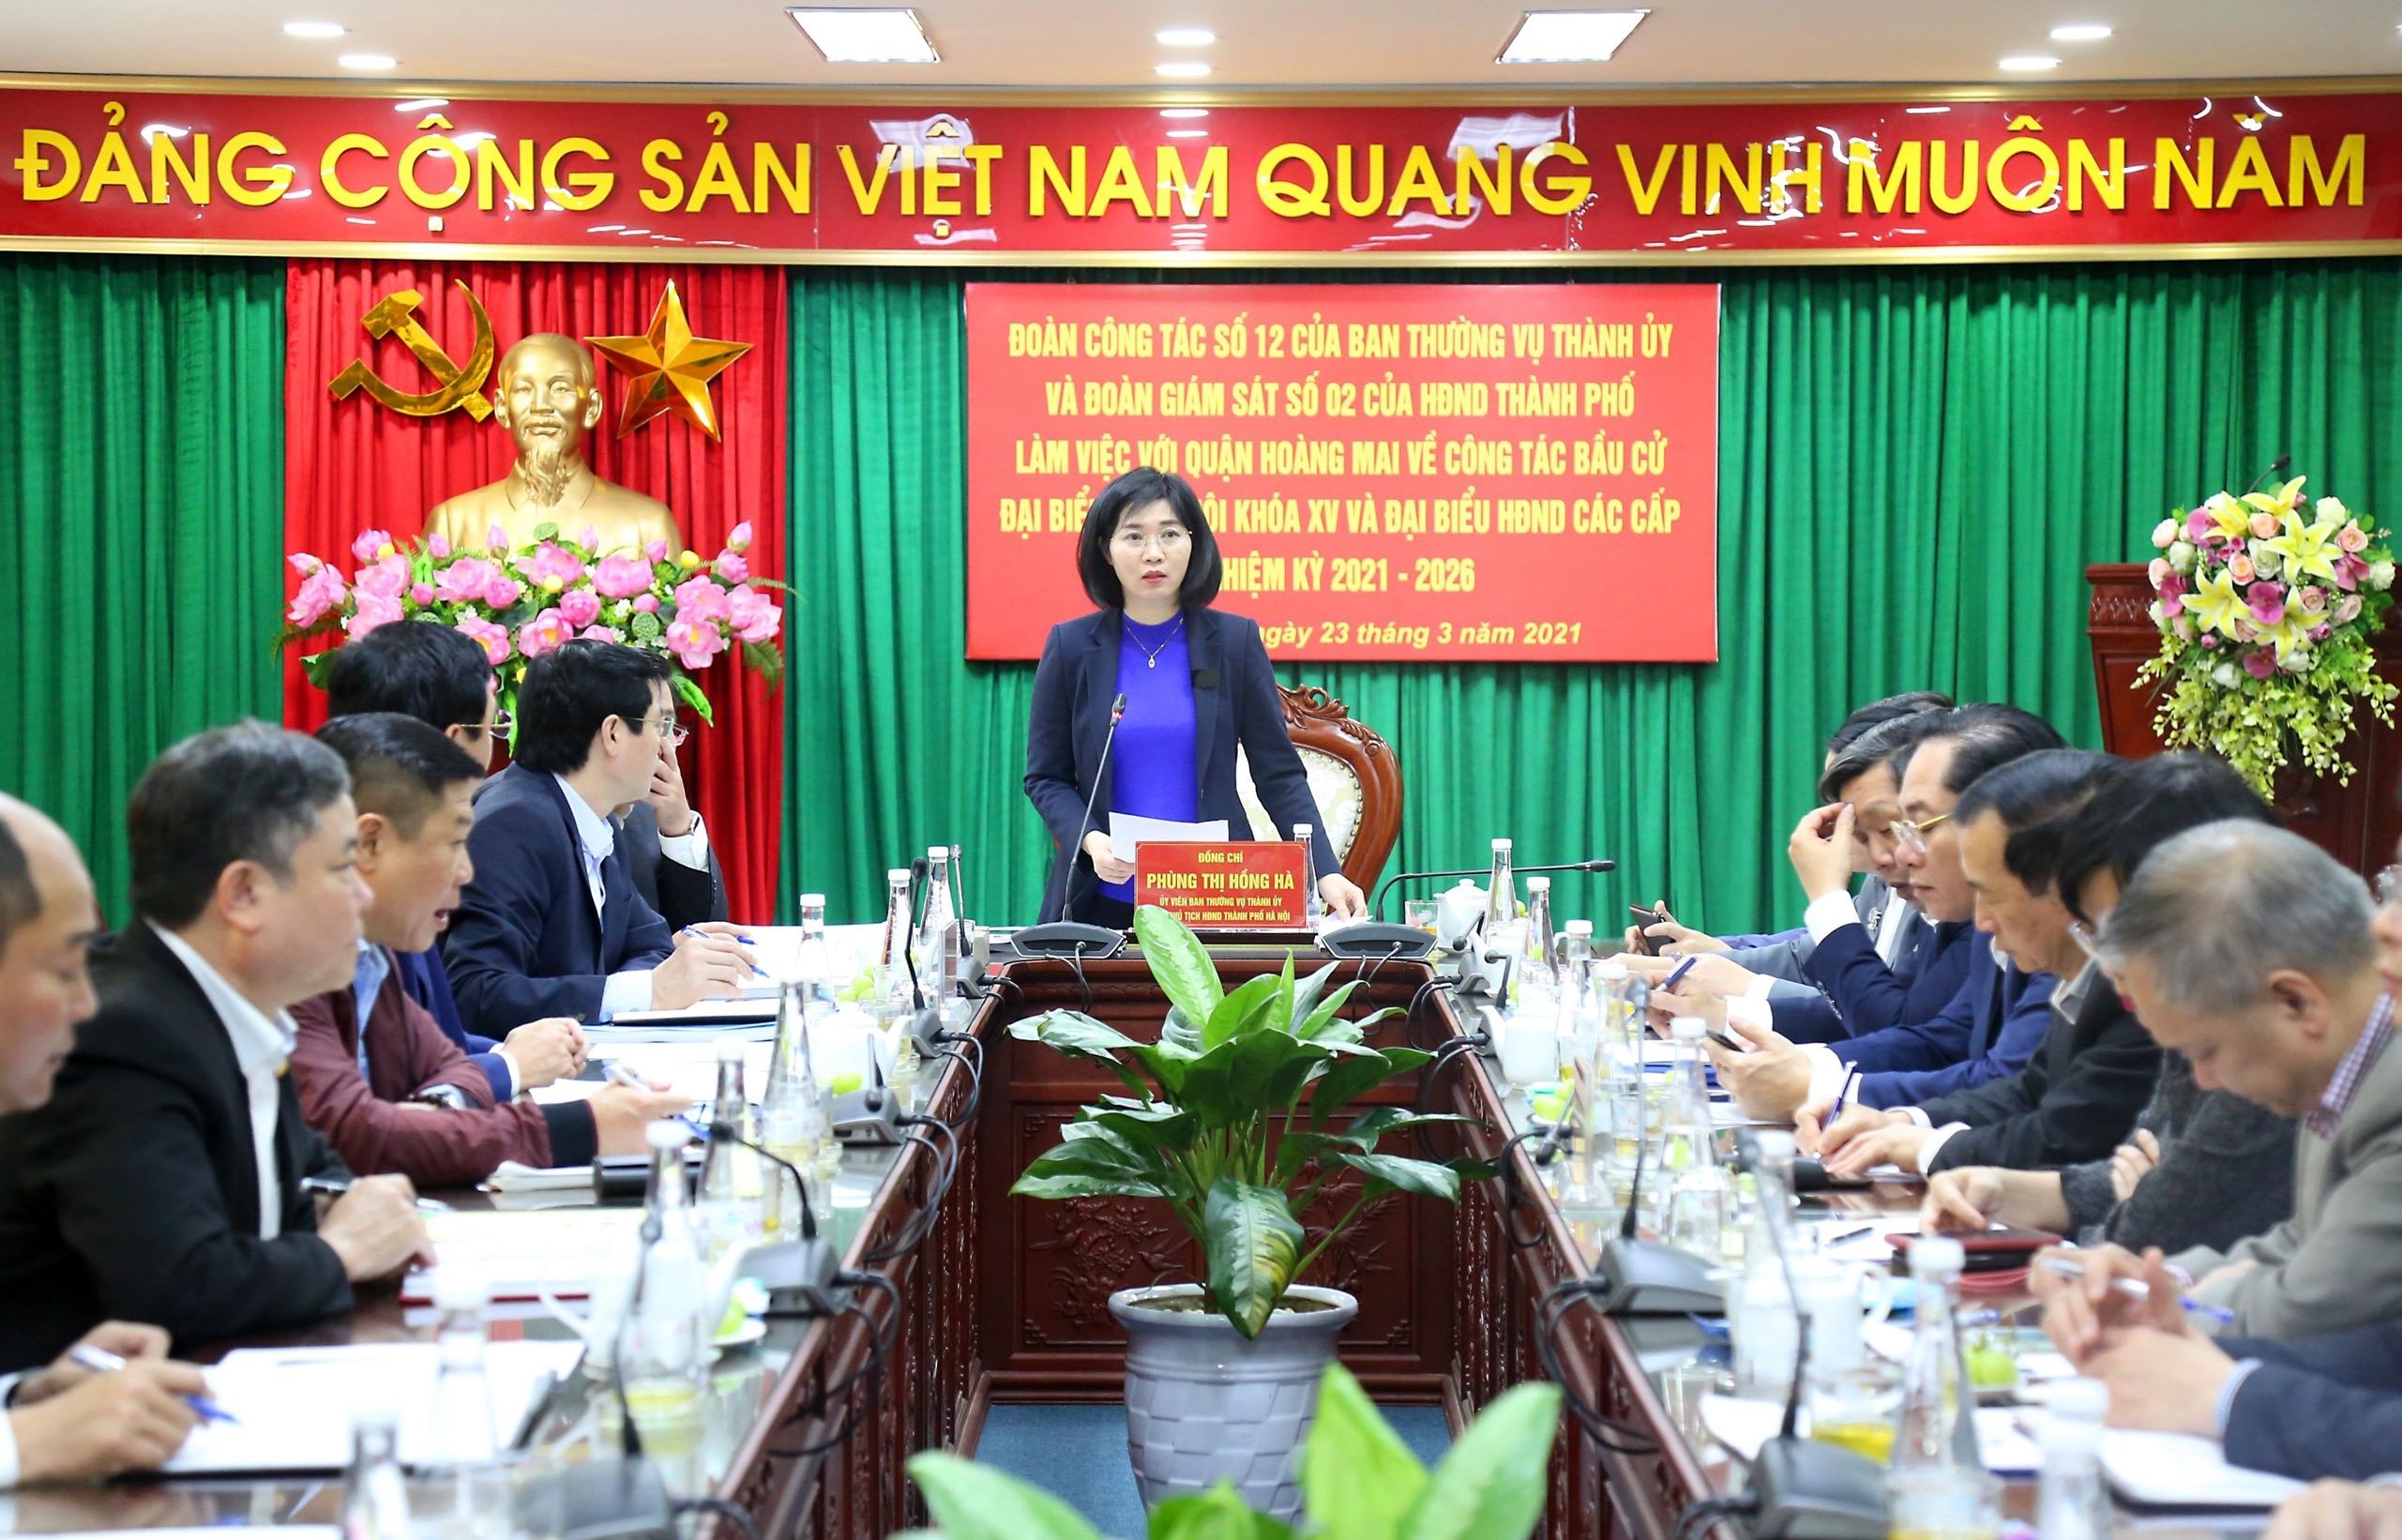 Phó Chủ tịch Hội đồng nhân dân Thành phố Phùng Thị Hồng Hà kiểm tra công tác bầu cử tại quận Hoàng Mai